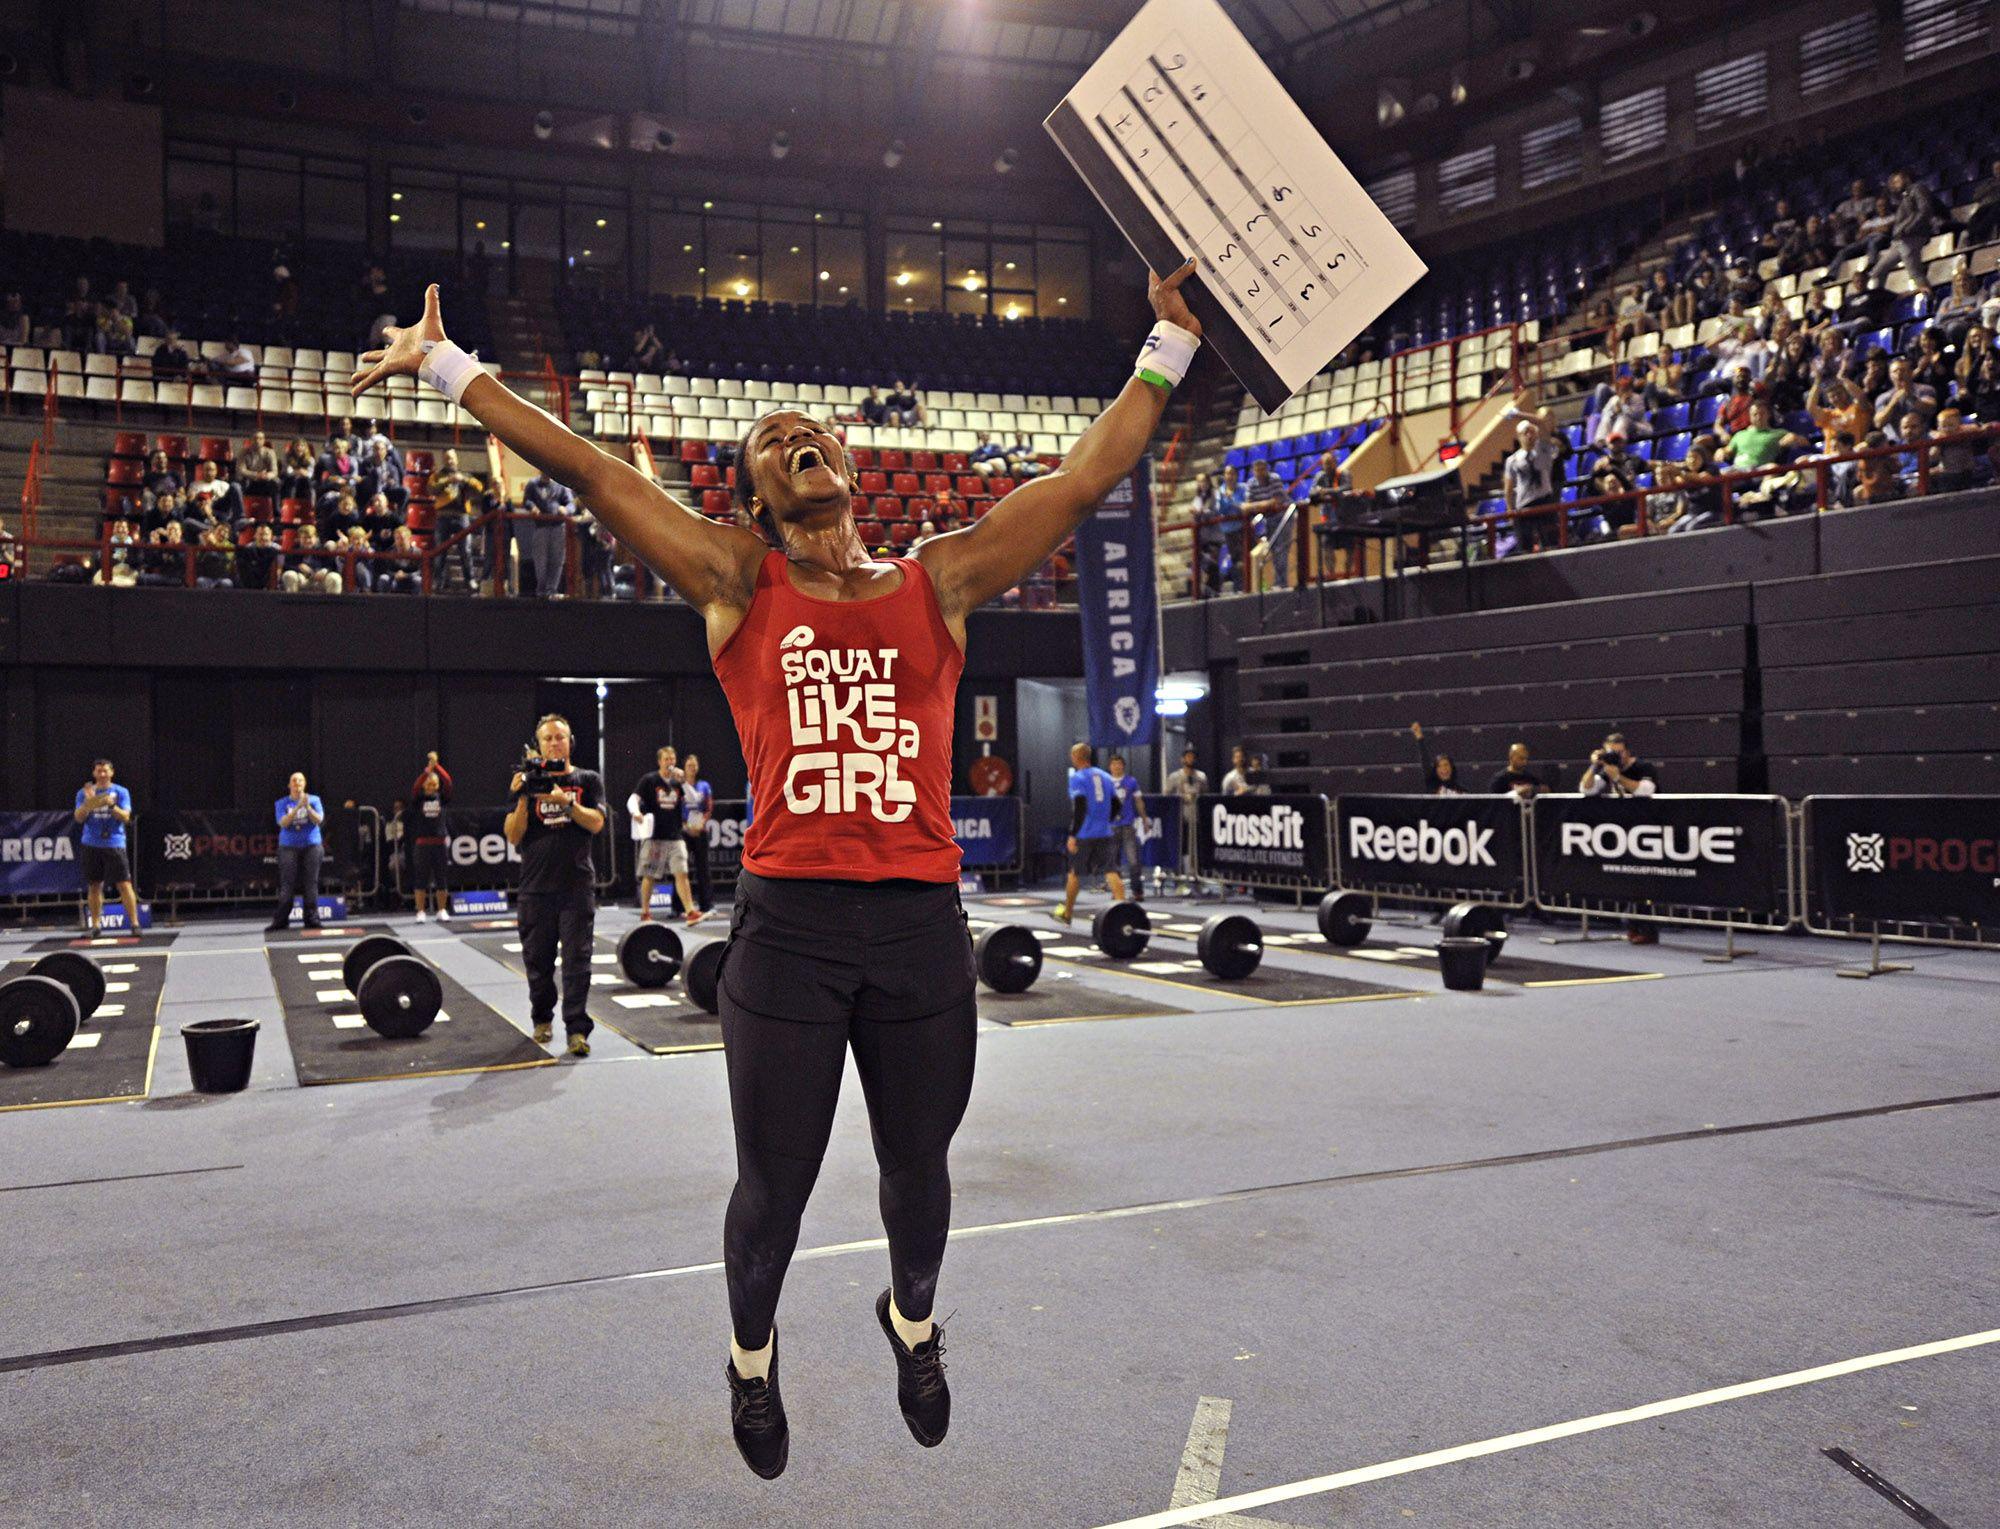 2013CFRG_AF_WE7_RW5832.jpg (2000×1529) #SquatLikeAGirl #PRYourLife #GetAfterIt #CrossFit #CrossFitGamesN #Africa